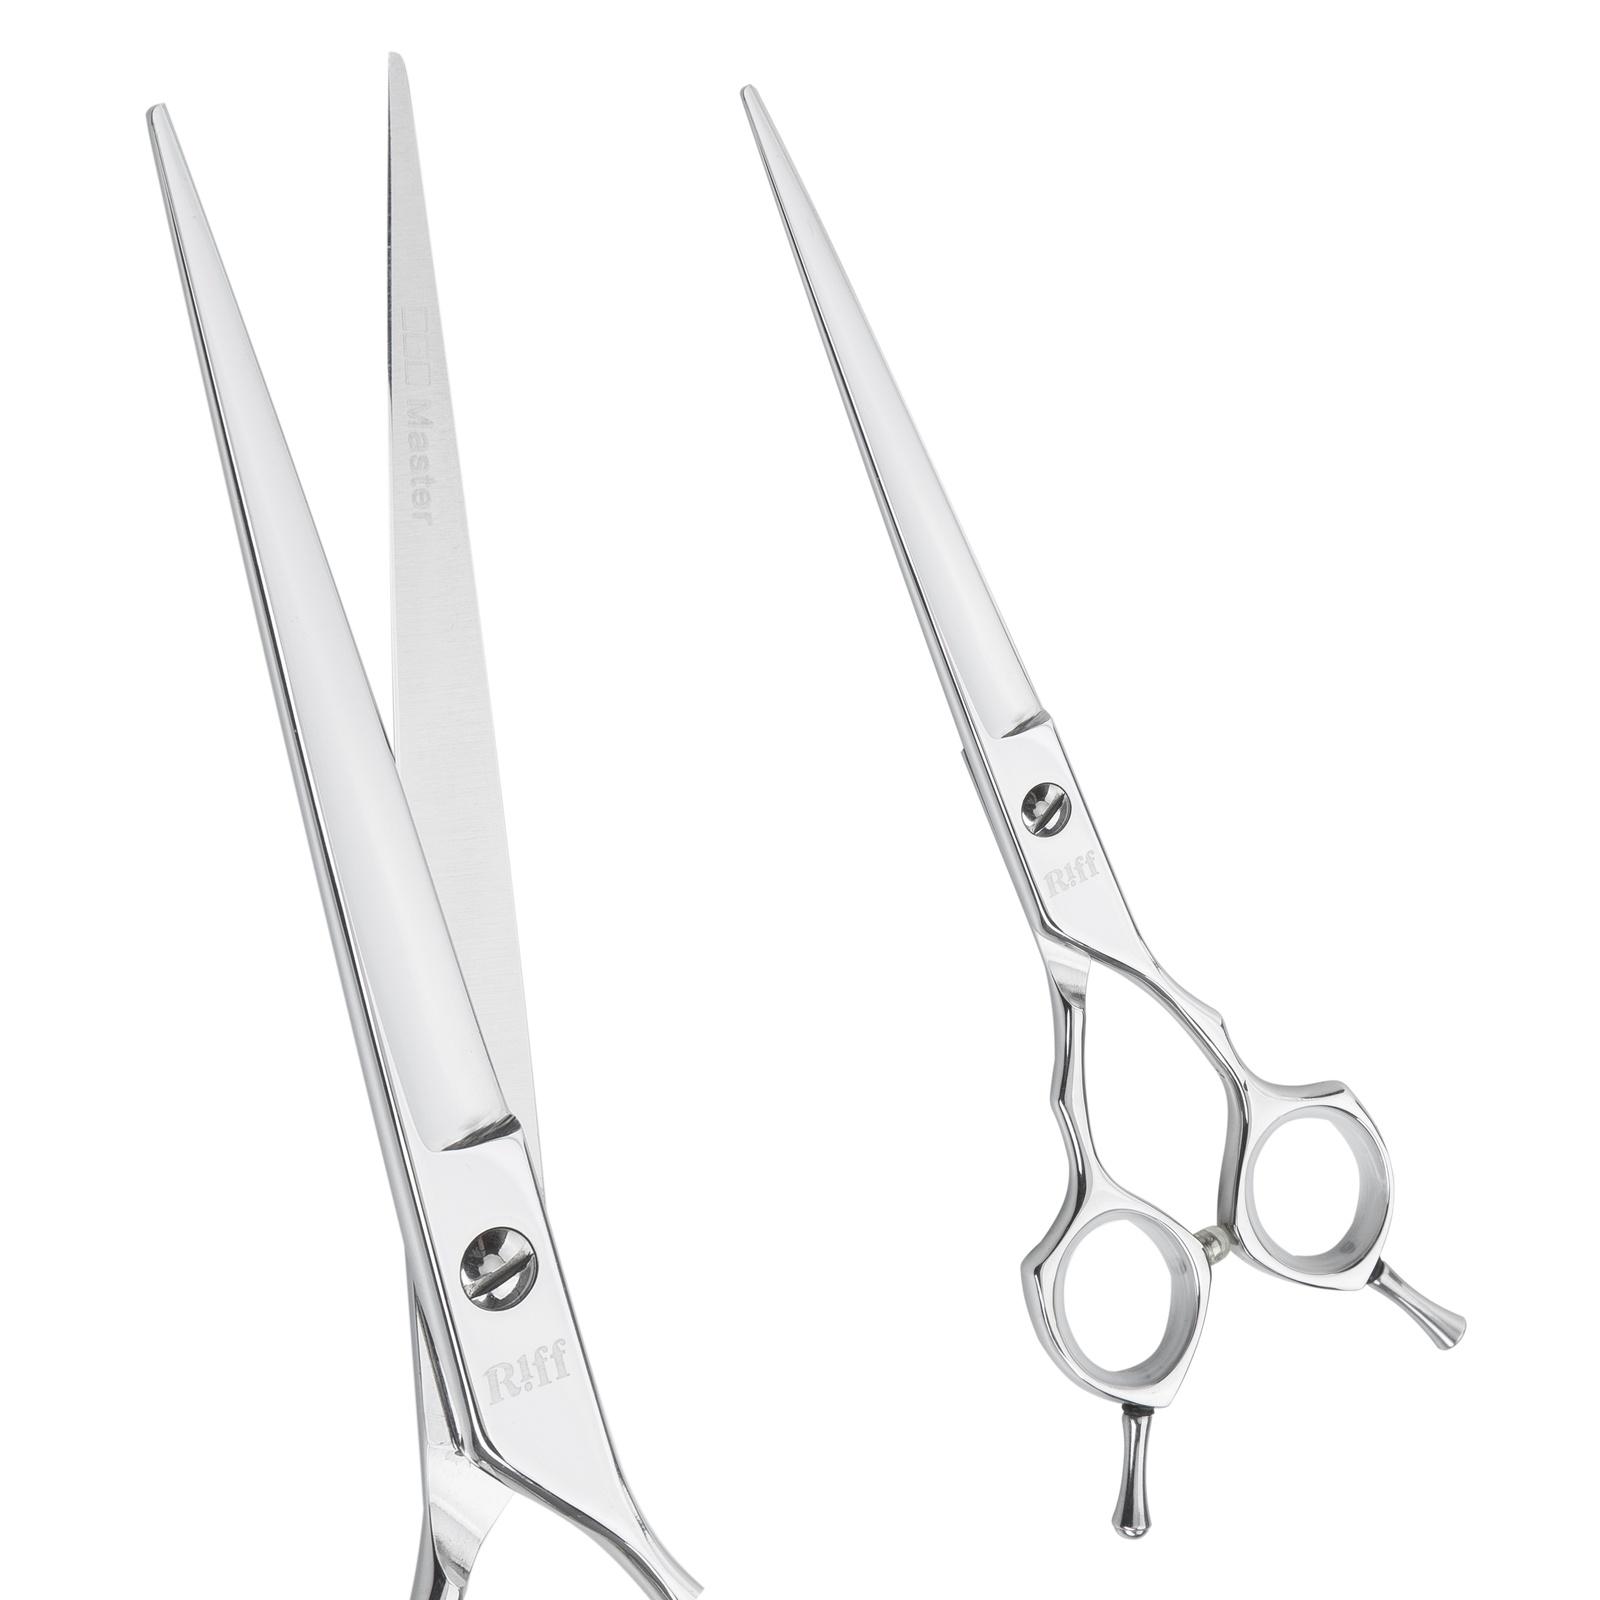 Ножницы парикмахерские RIFF Master, AM0370, 7 дюймов